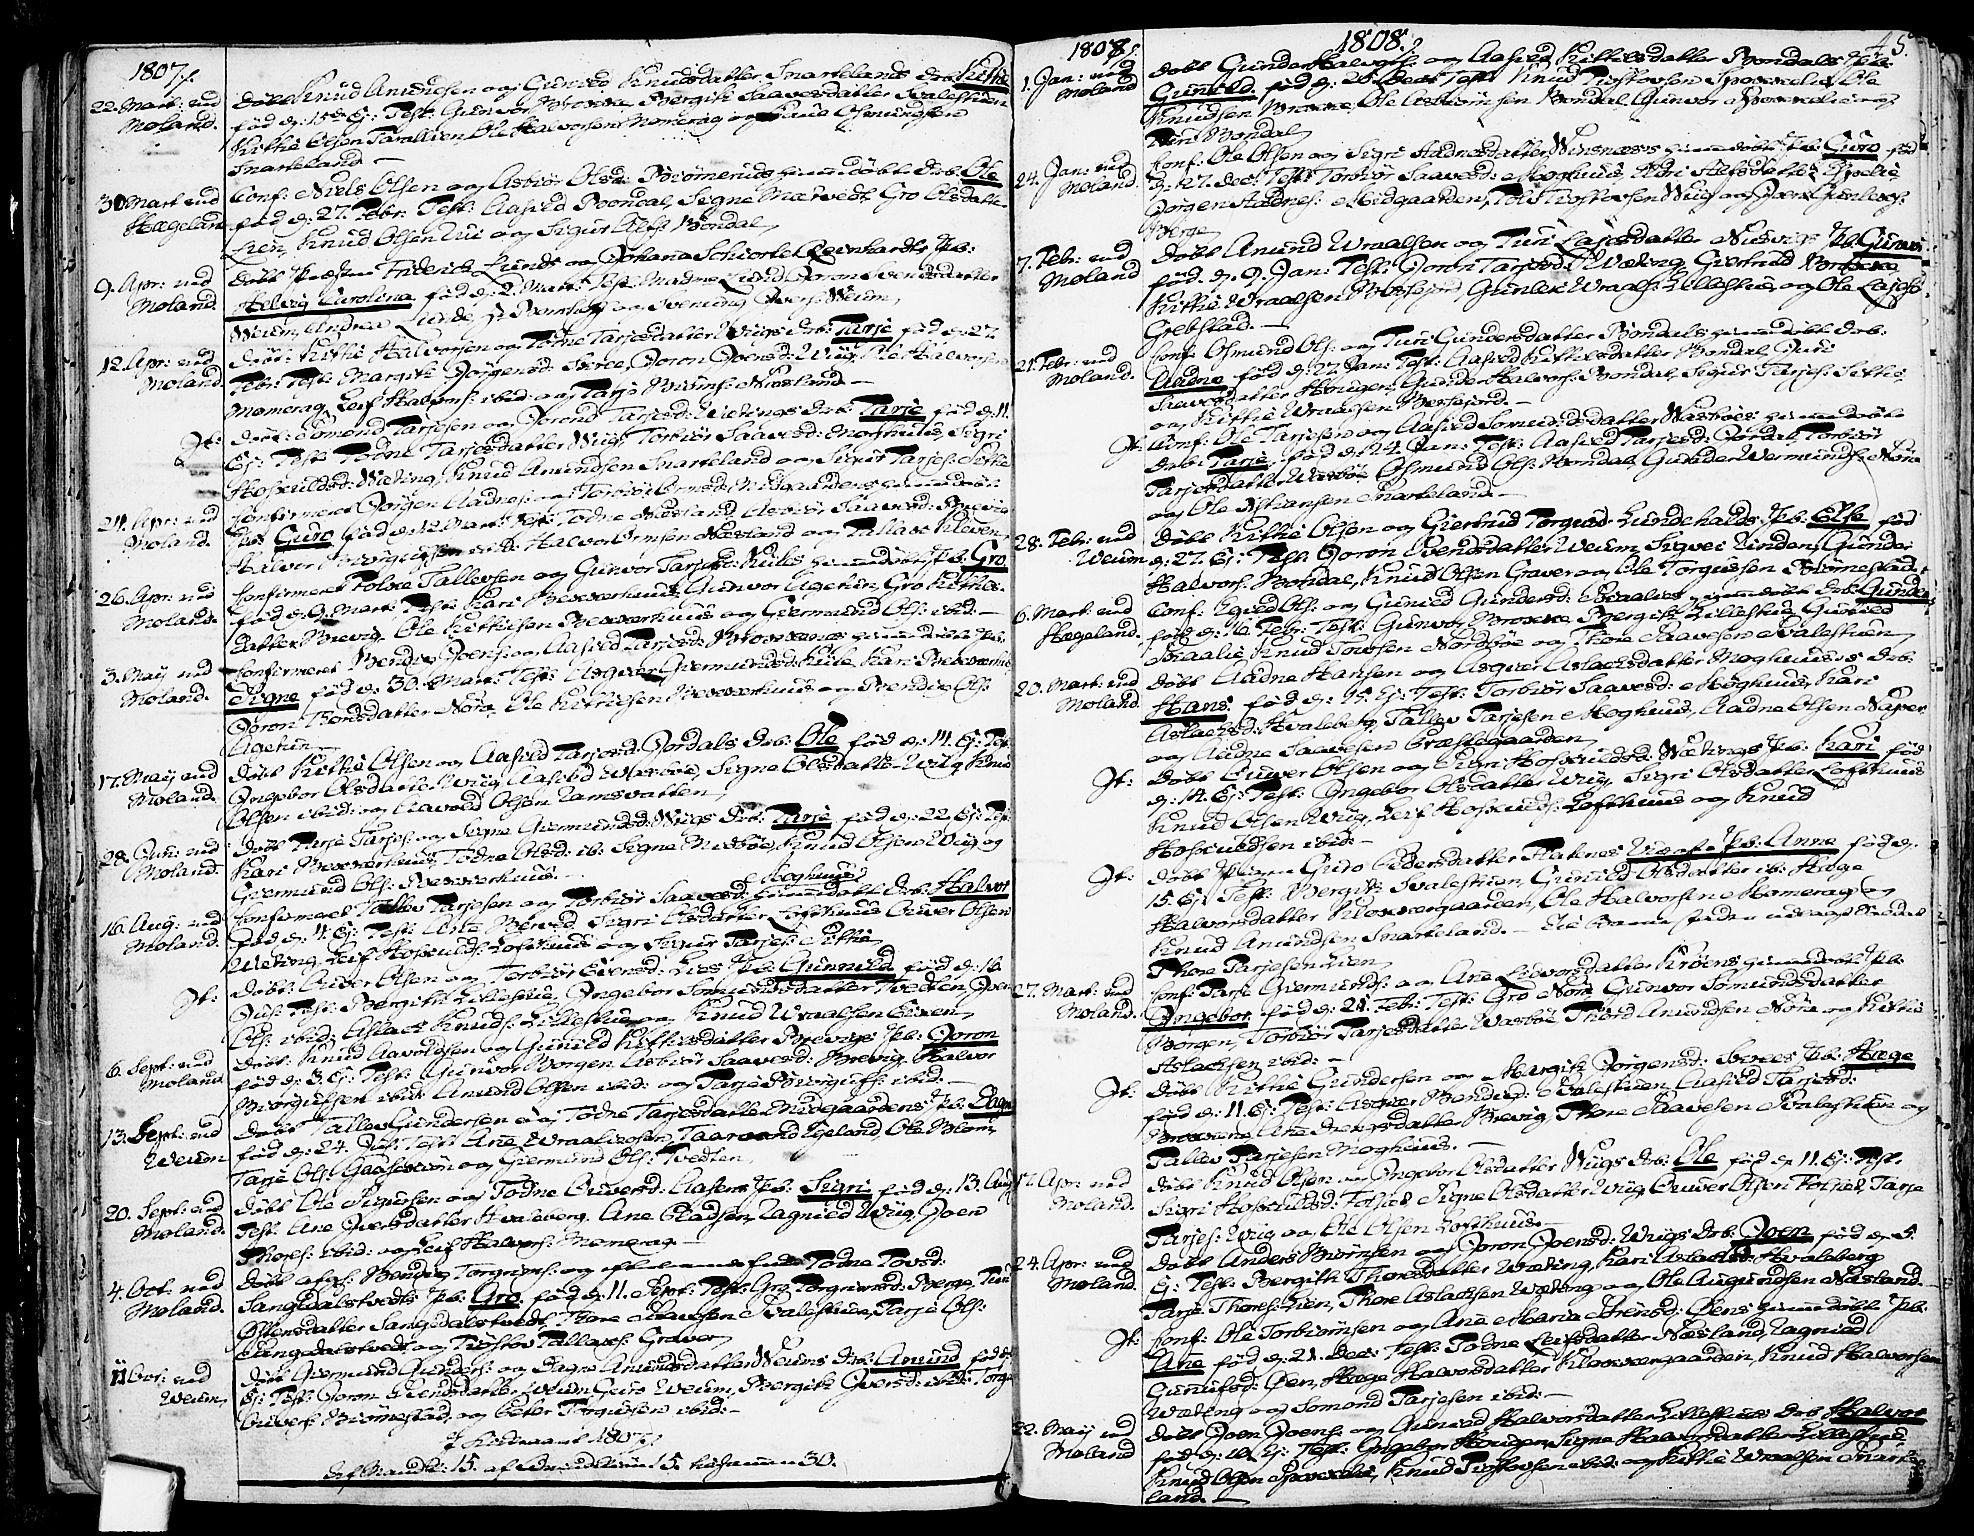 SAKO, Fyresdal kirkebøker, F/Fa/L0002: Ministerialbok nr. I 2, 1769-1814, s. 45